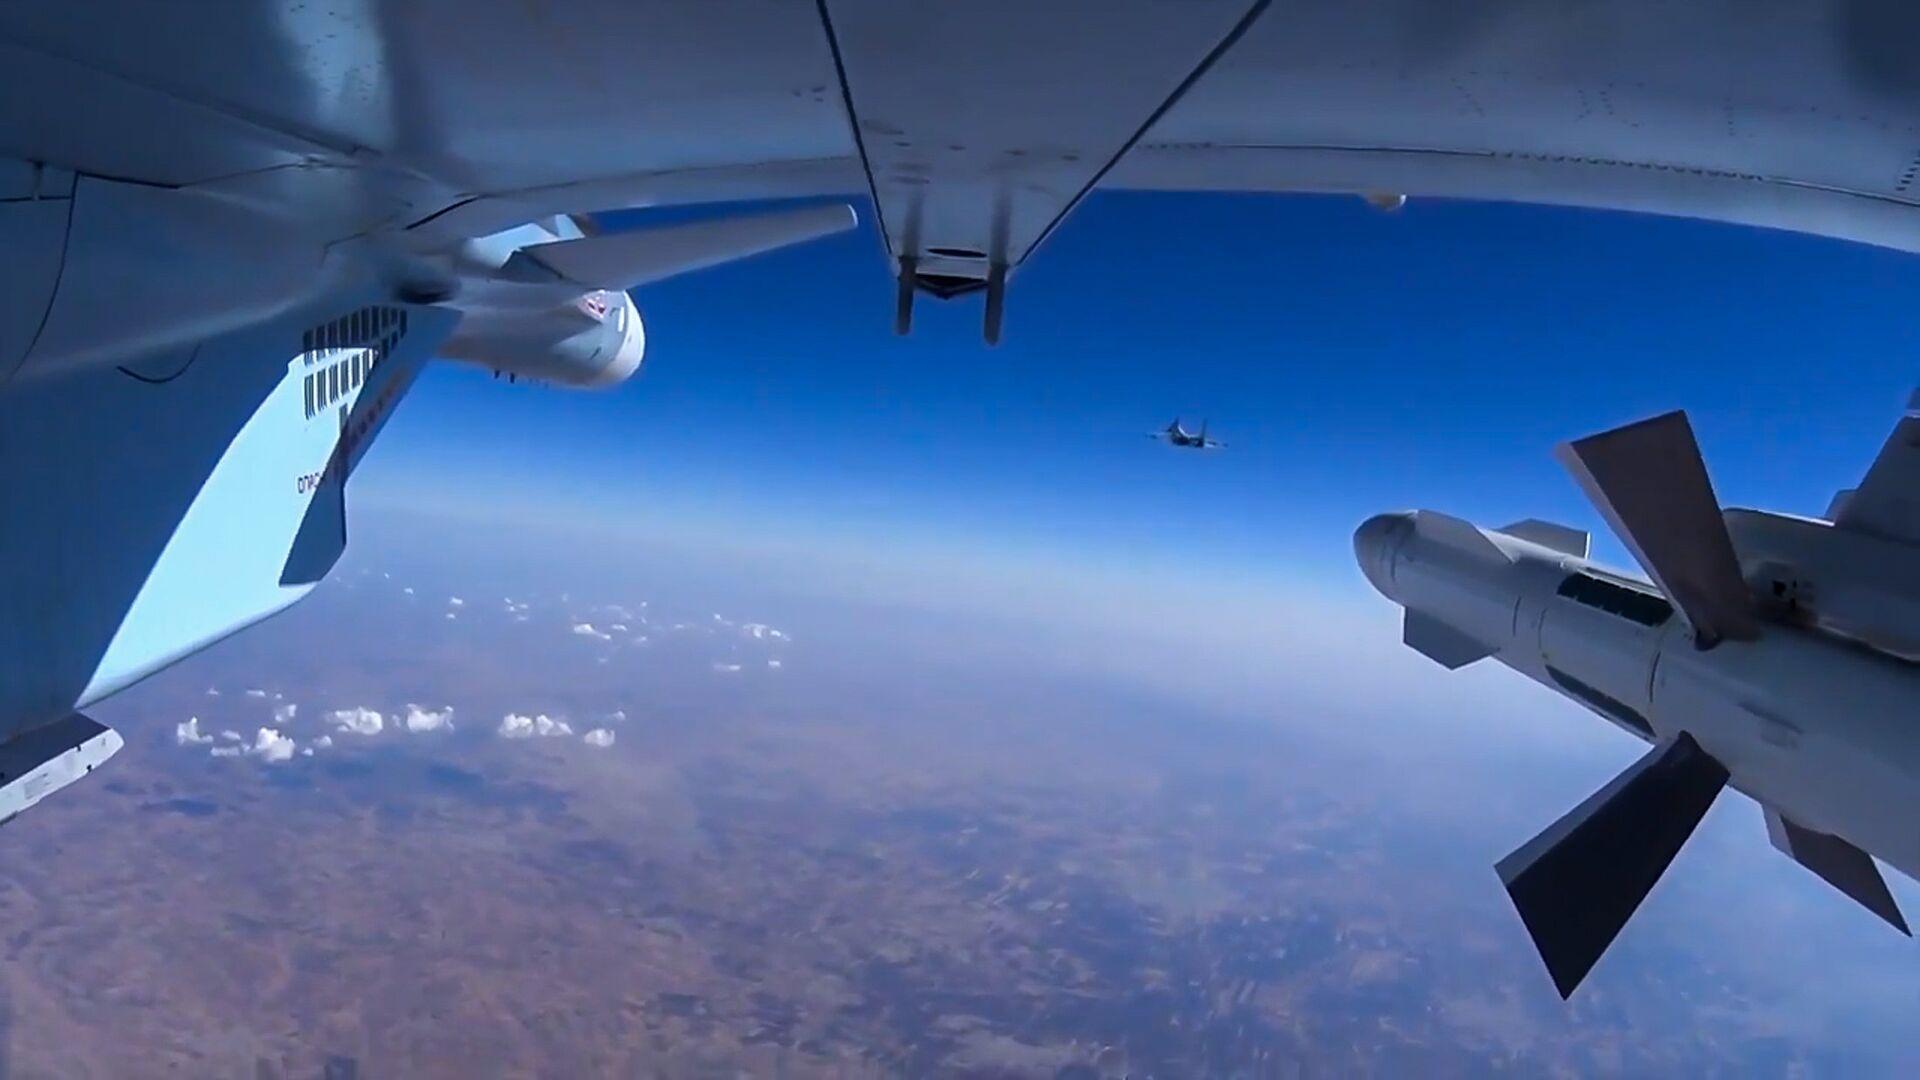 Самолет Су-30 ВКС РФ во время боевого вылета в Сирии - РИА Новости, 1920, 03.03.2021